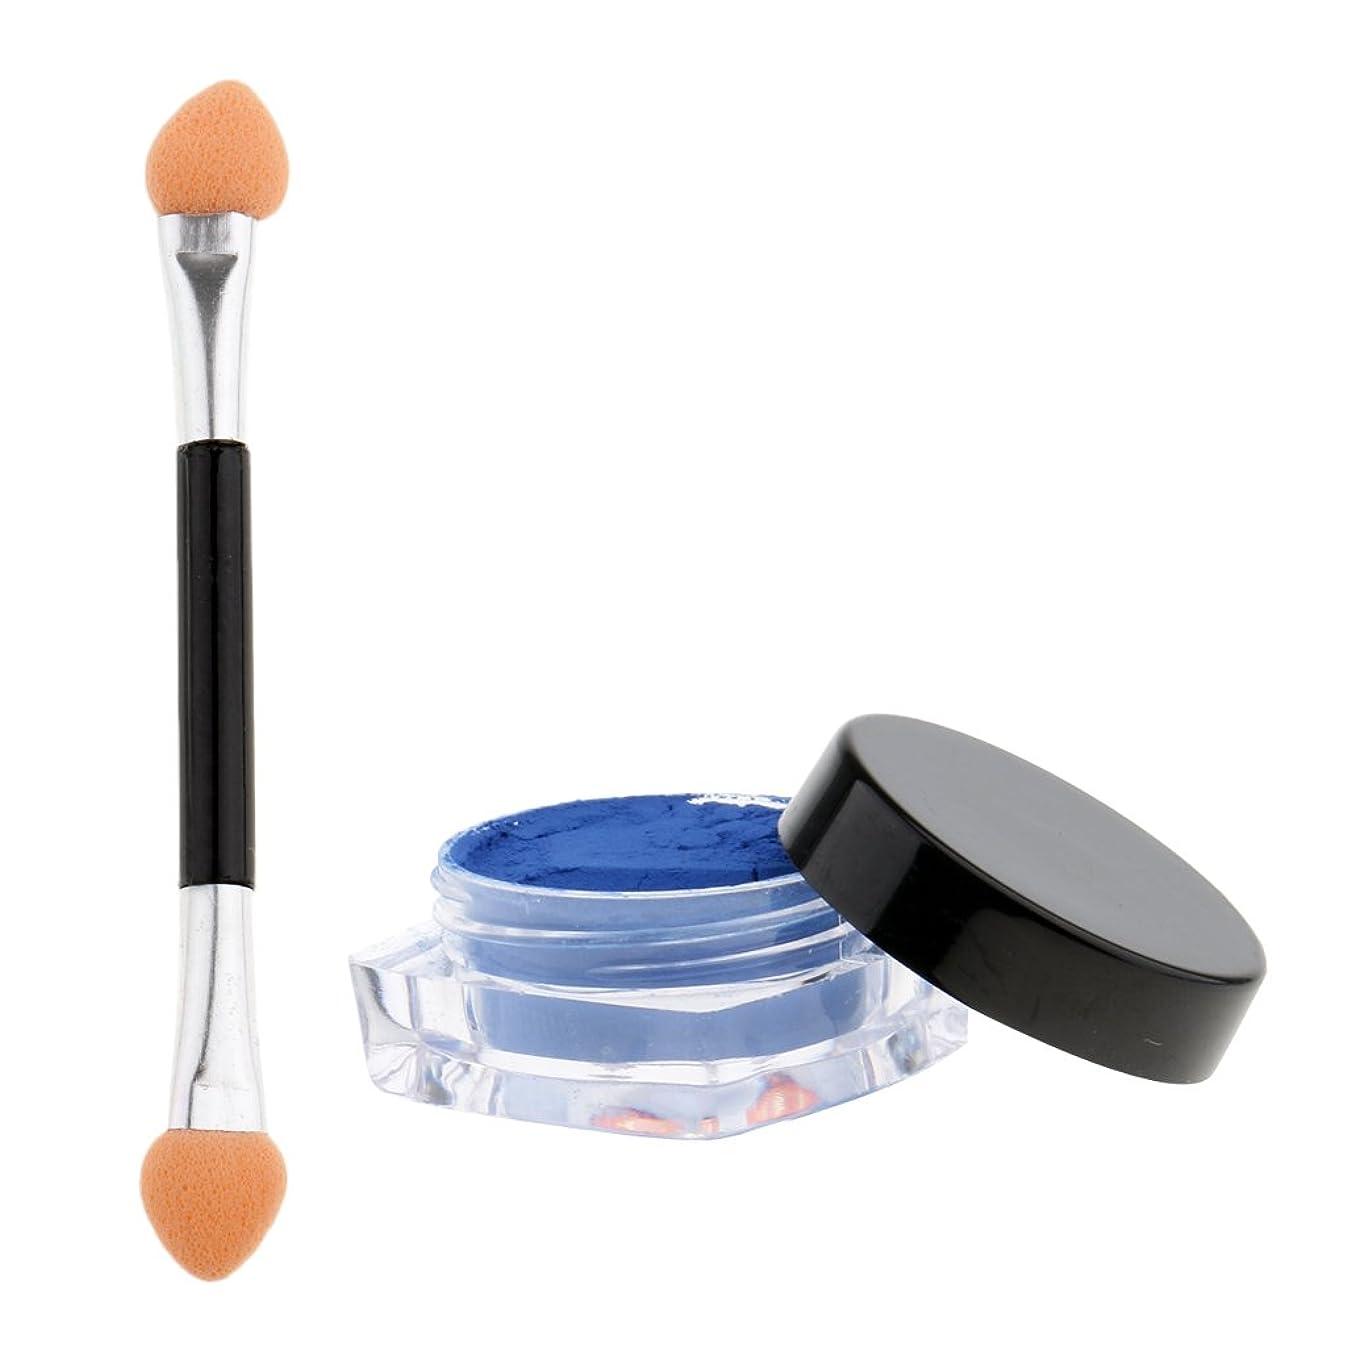 最初は凝視ラックPerfeclan ネイル マニキュア顔料 温度色変化 熱顔料 ブラシ 全12色選べる - 青